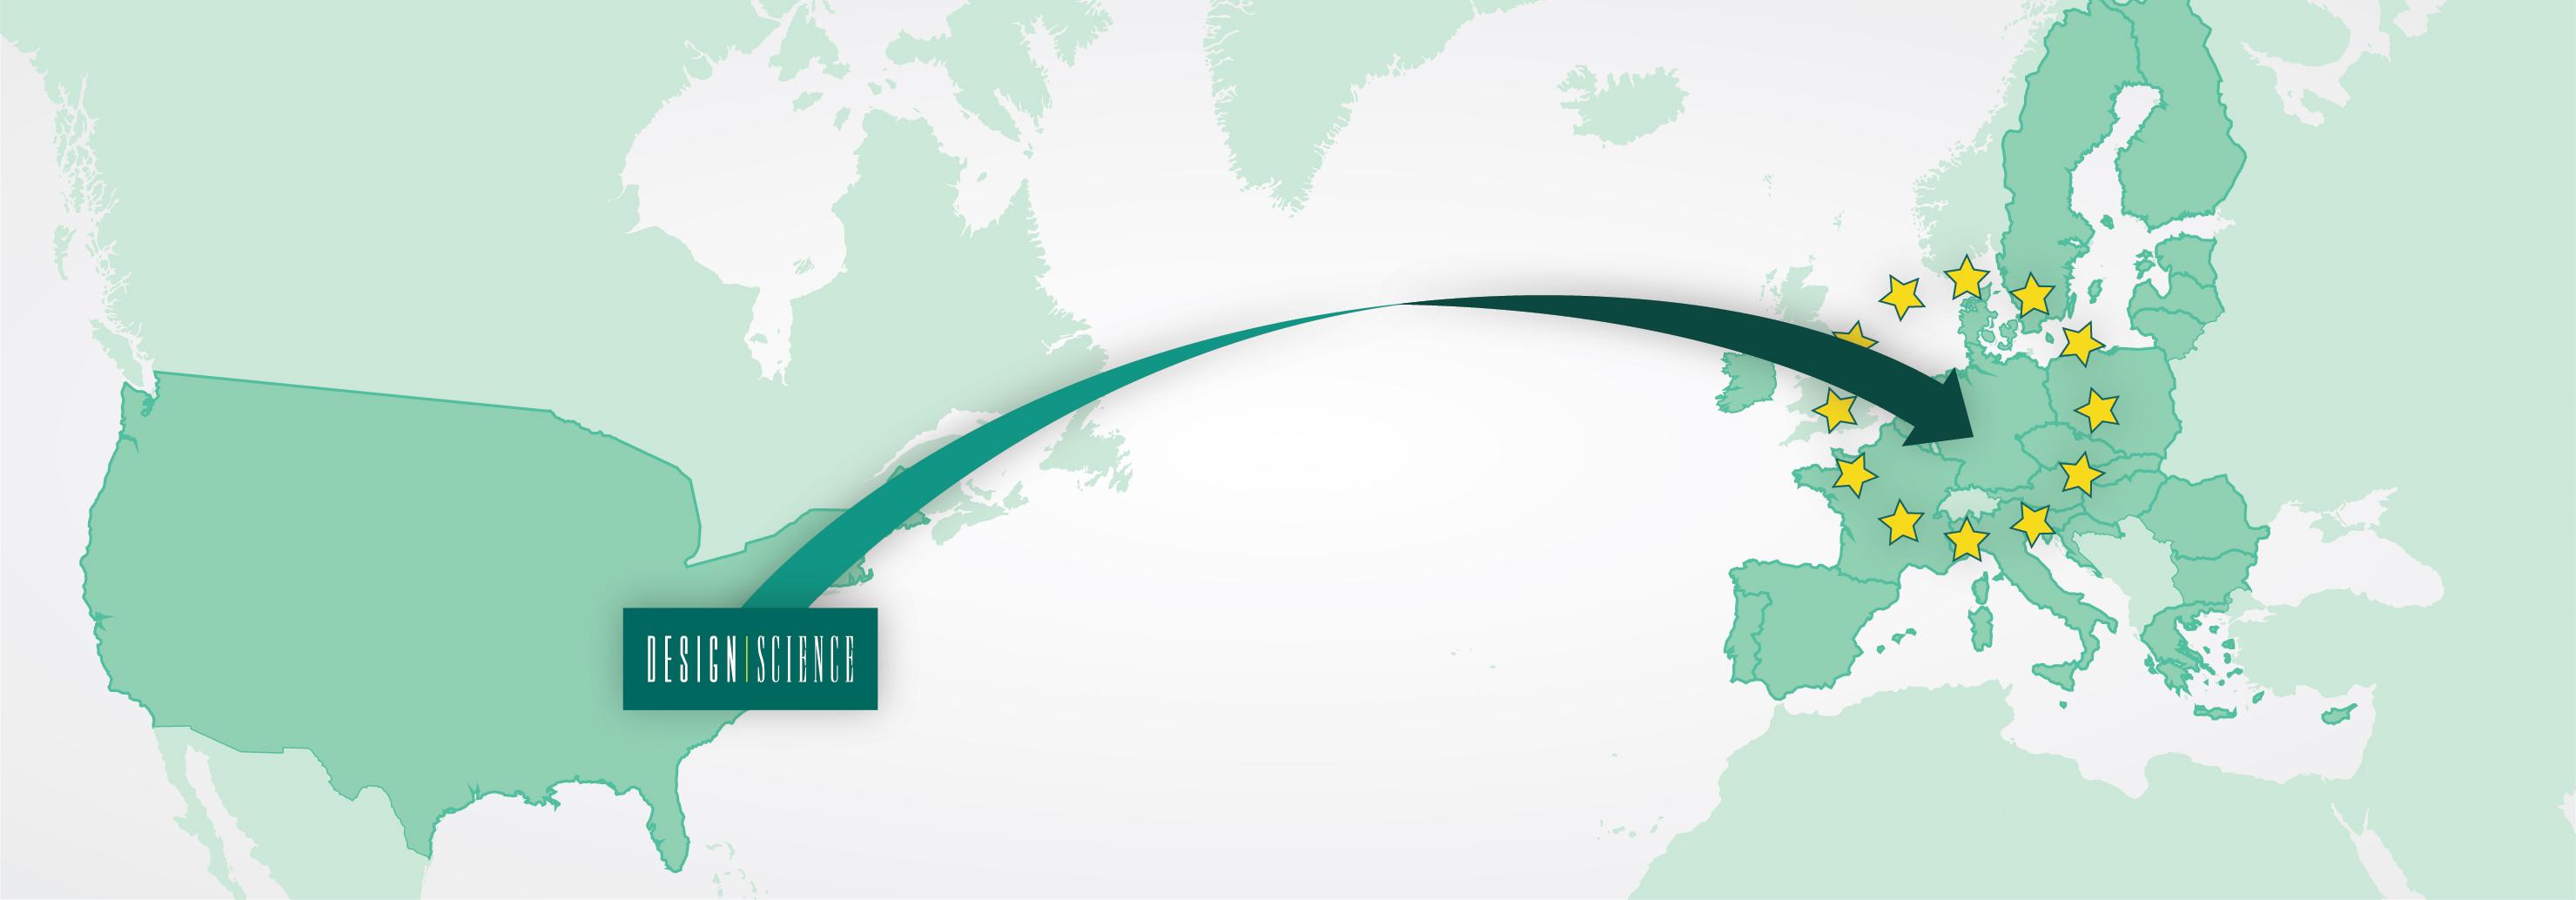 20171023_Expands-to-EU_header